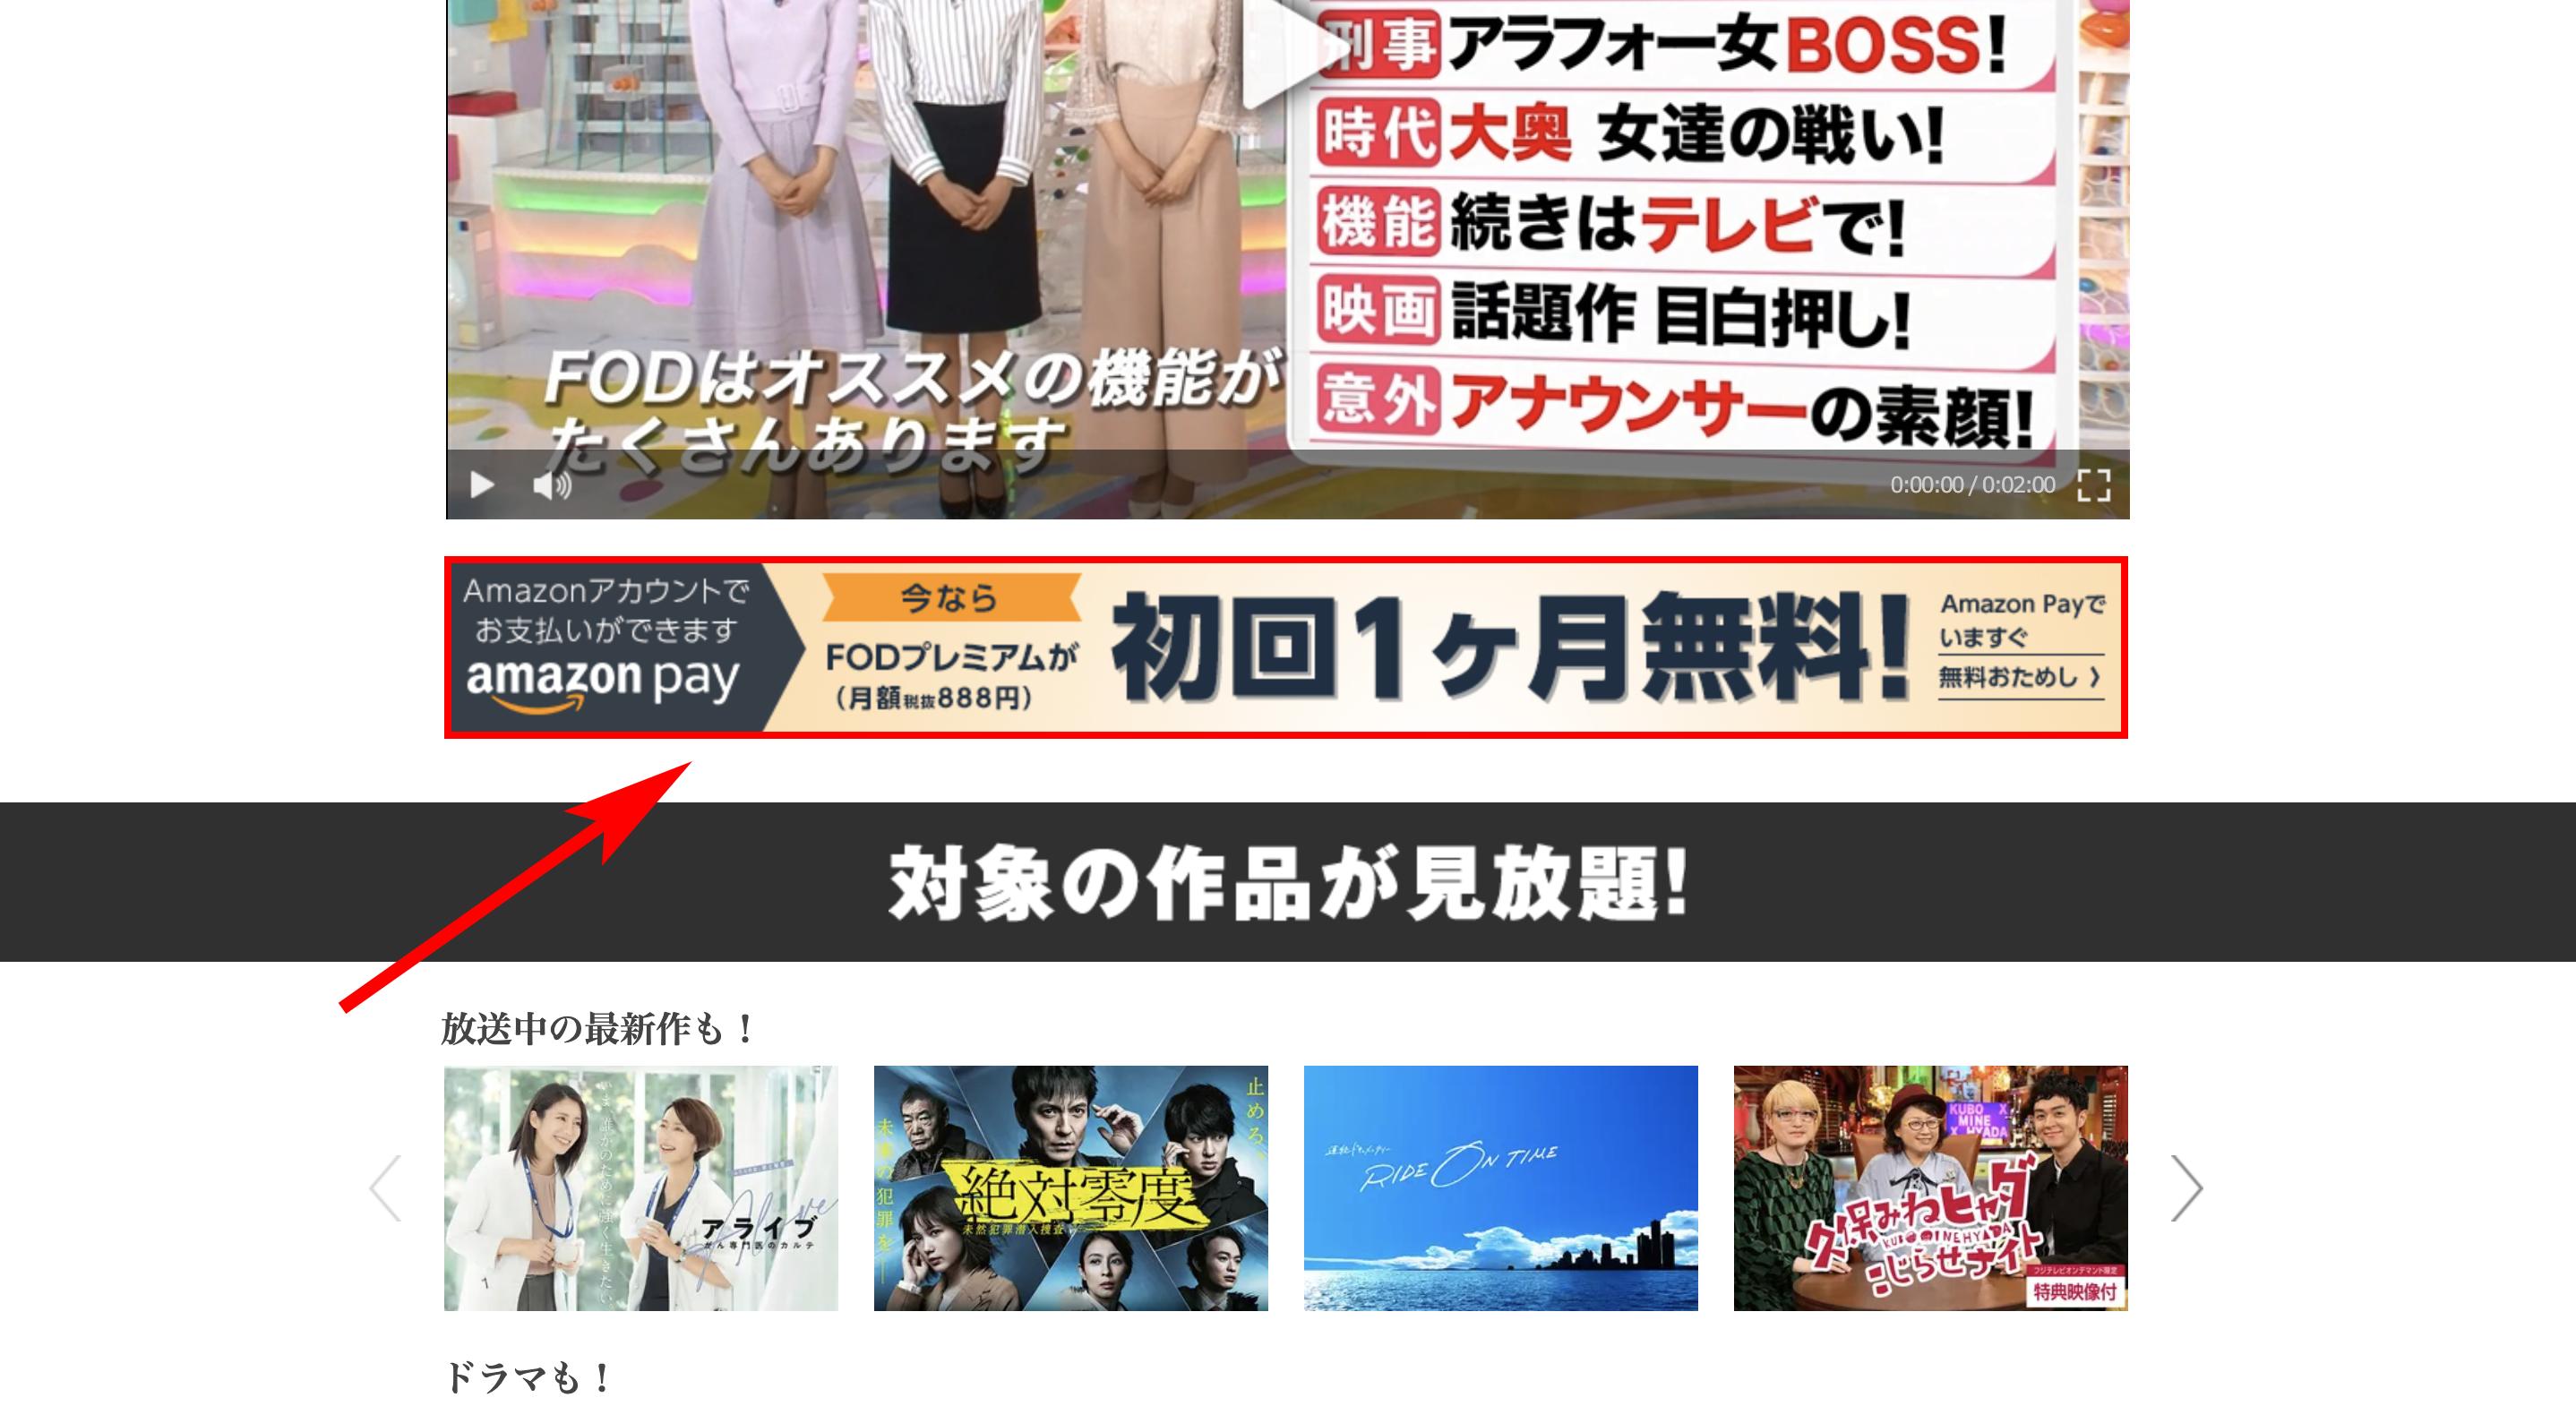 【月額888円】FODプレミアムとは?登録方法から解約方法まで徹底解説